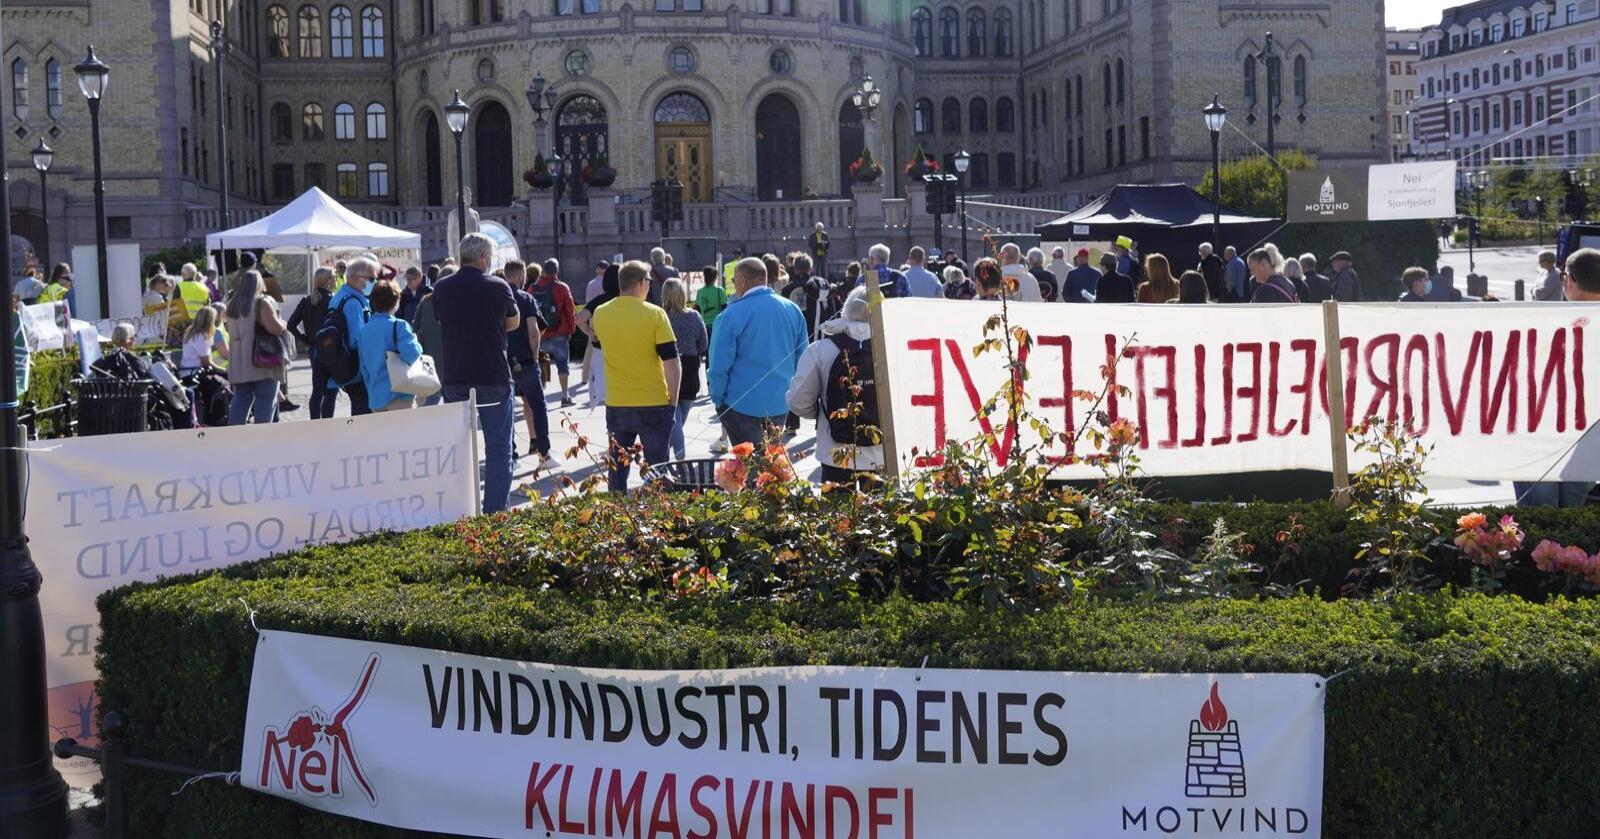 Motvind Norge står som initiativtaker og ansvarlig for arrangementet som favner vindkraftmotstandere, blant annet fra en rekke natur- og miljøvernorganisasjoner.Foto: Terje Bendiksby / NTB